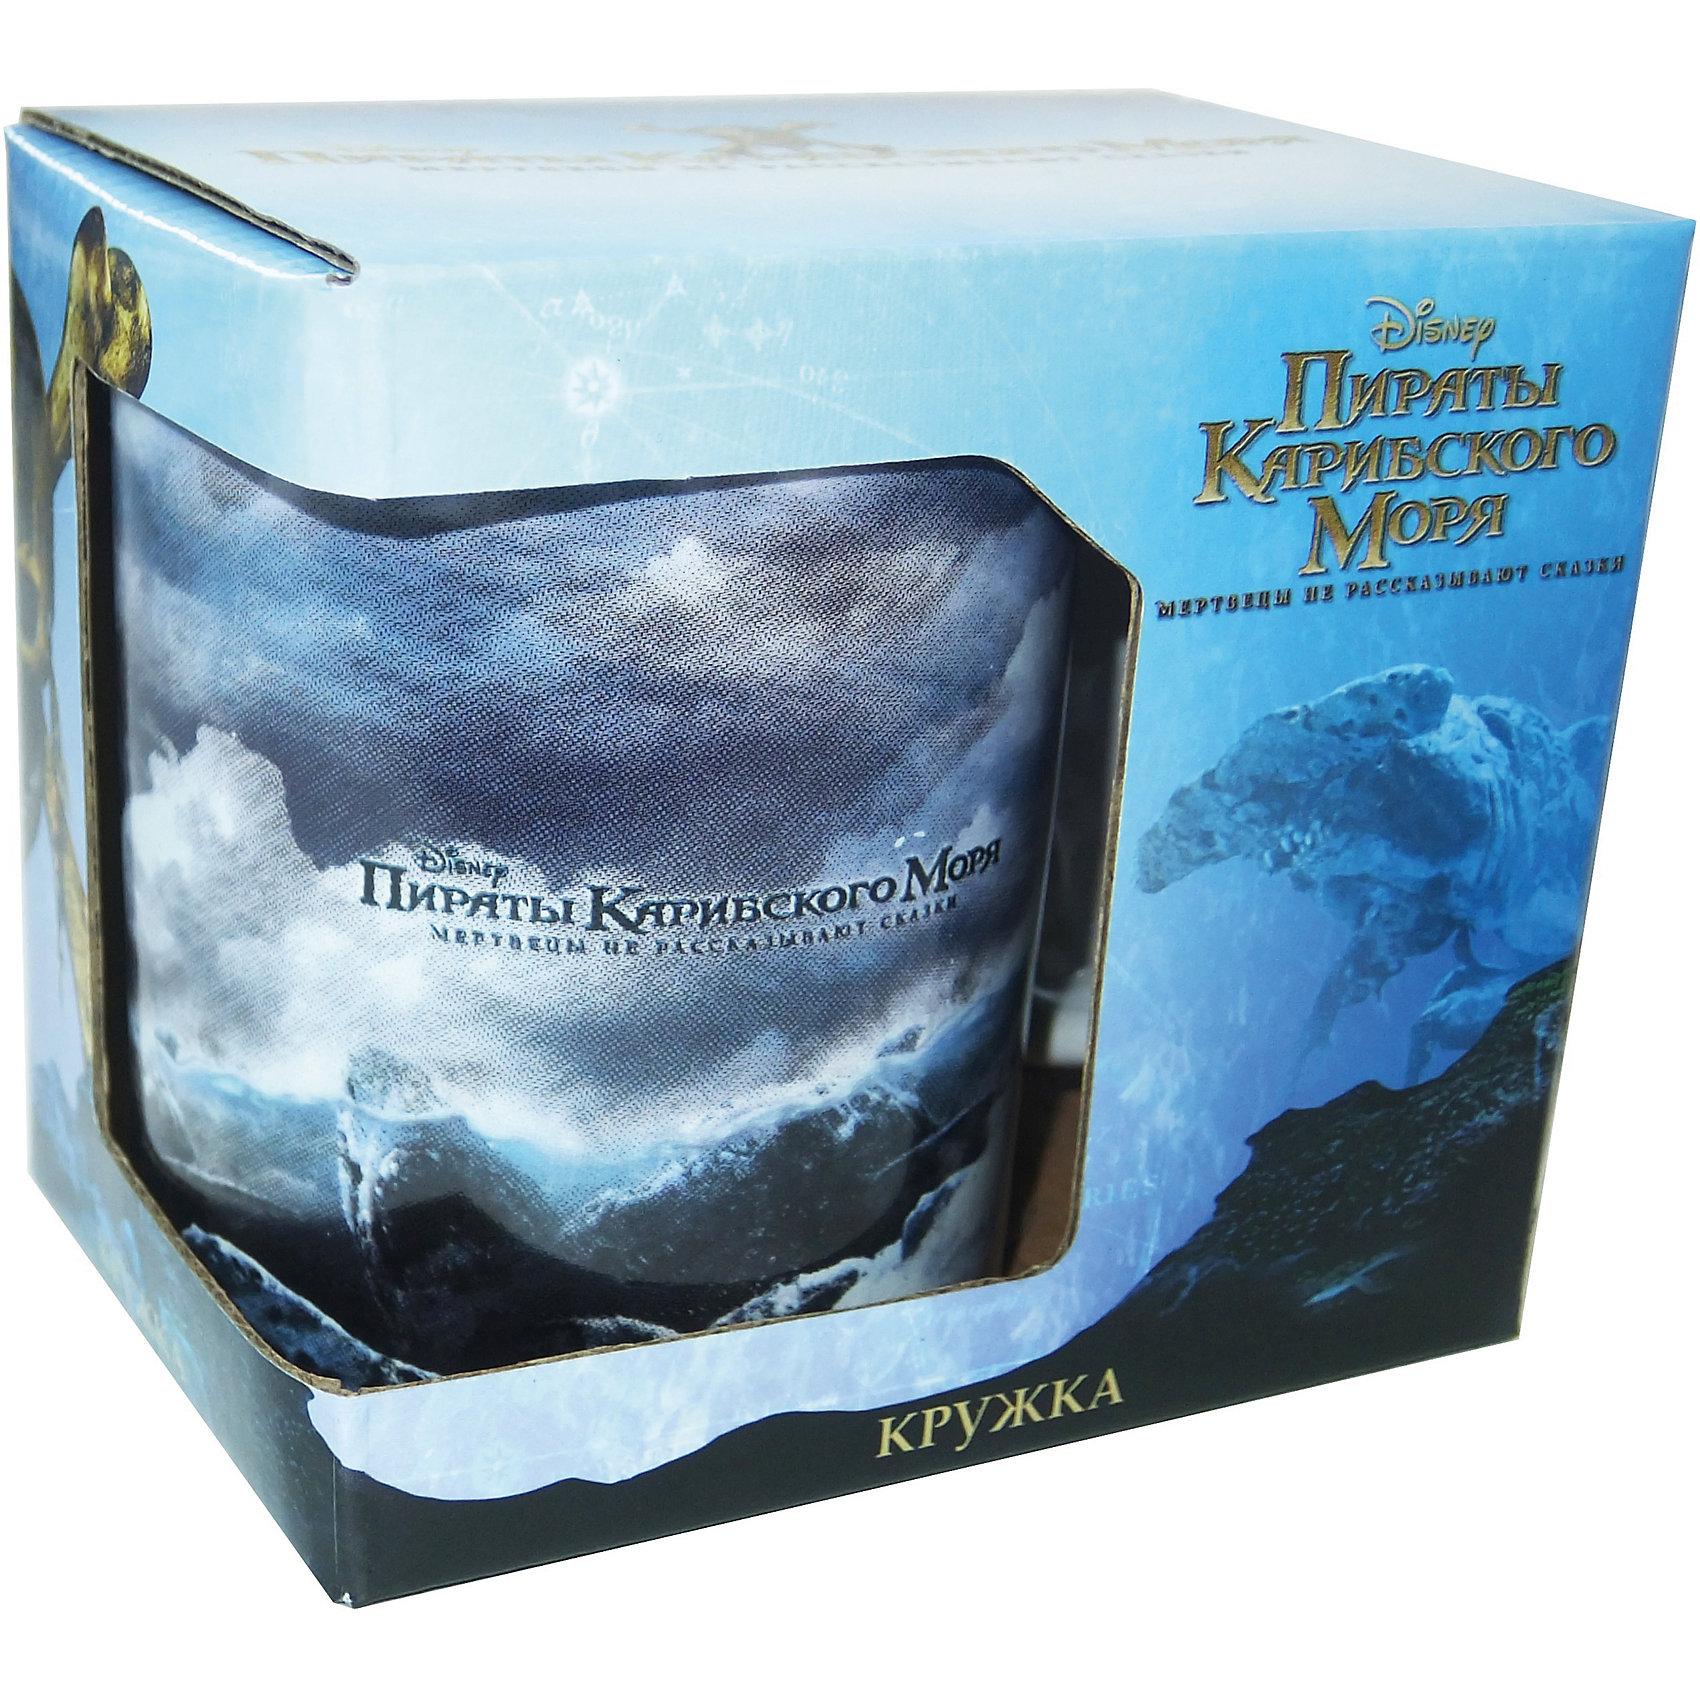 Кружка Пираты Карибского Моря. Морской разбойник в подарочной упаковке, 350 мл., DisneyПосуда<br>Характеристики:<br><br>• Материал: керамика<br>• Тематика рисунка: Пираты Карибского моря<br>• Можно использовать для горячих и холодных напитков<br>• Объем: 350 мл<br>• Вес: 360 г <br>• Упаковка: подарочная картонная коробка<br>• Размеры (Д*Ш*В): 12*8,2*9,5 см<br>• Особенности ухода: можно мыть в посудомоечной машине<br><br>Кружка Пираты Карибского моря. Морской разбойник в подарочной упаковке, 350 мл., Disney выполнена в стильном дизайне: на белый корпус нанесено изображение капитана Джека Воробья на фоне морской бури. Изображение устойчиво к появлению царапин, не выцветает при частом мытье.<br><br>Кружку Пираты Карибского моря. Морской разбойник в подарочной упаковке, 350 мл., Disney можно купить в нашем интернет-магазине.<br><br>Ширина мм: 120<br>Глубина мм: 82<br>Высота мм: 95<br>Вес г: 360<br>Возраст от месяцев: 36<br>Возраст до месяцев: 1188<br>Пол: Унисекс<br>Возраст: Детский<br>SKU: 6849942